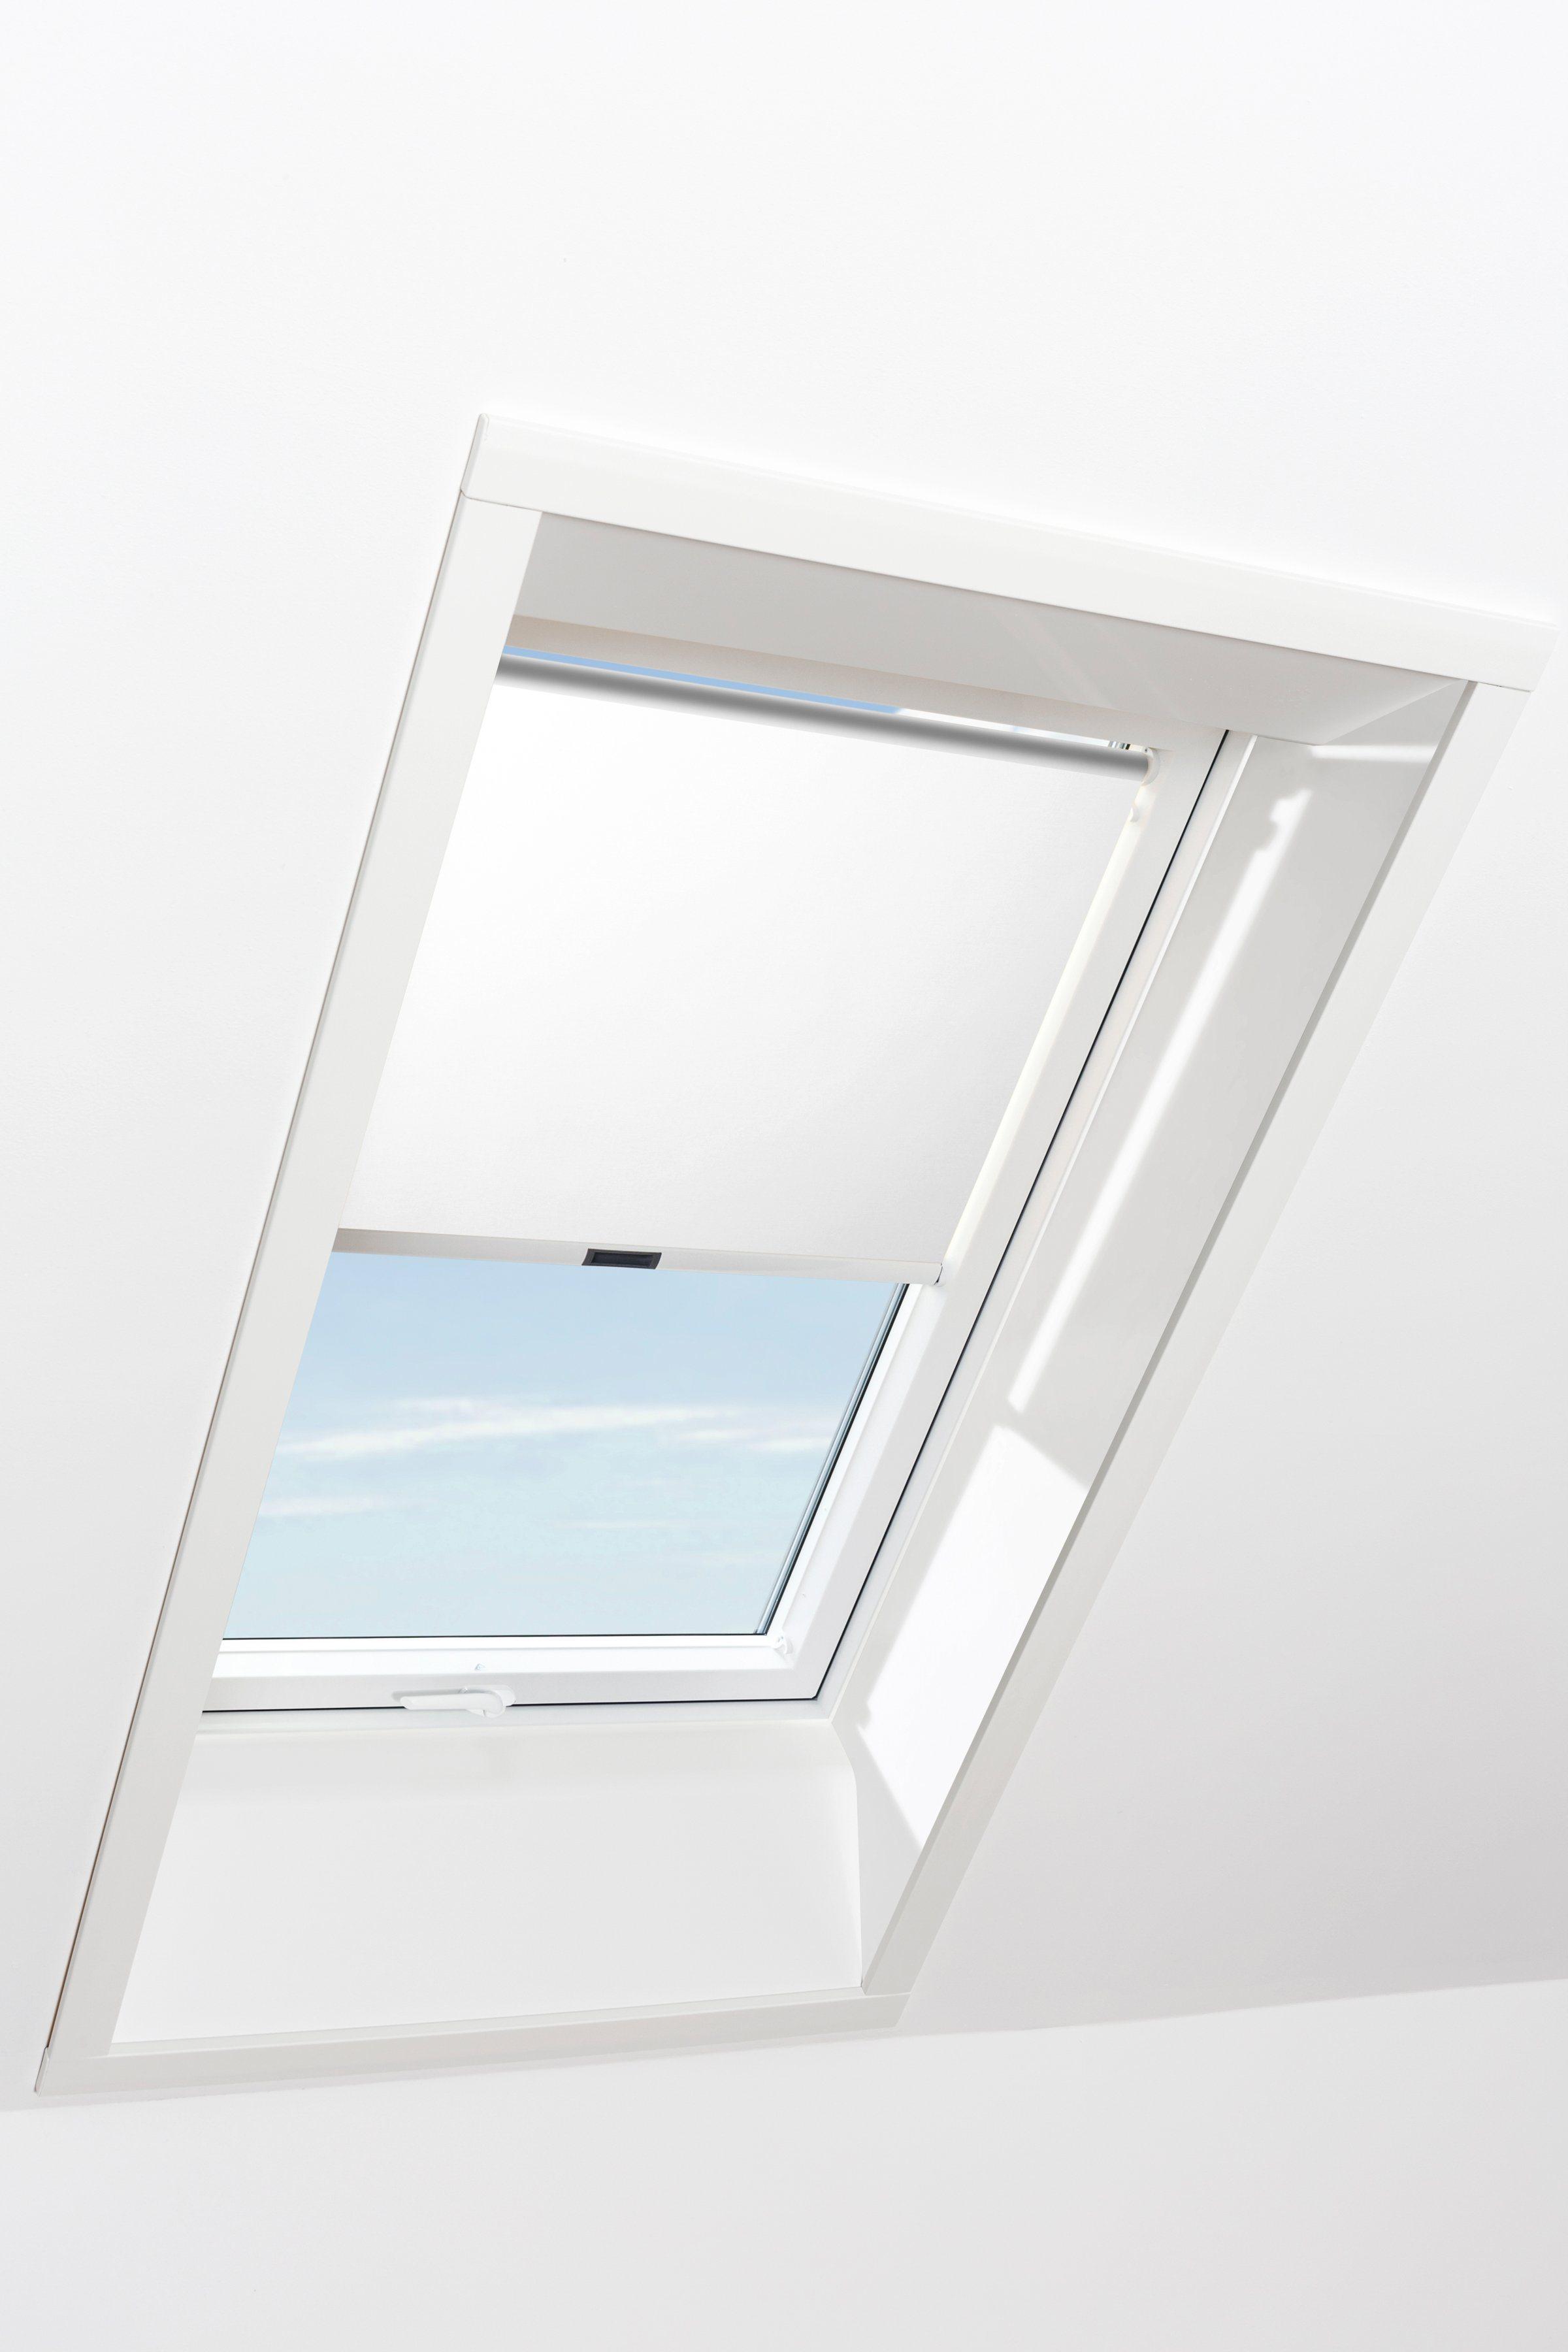 RORO Sichtschutzrollo »Typ SIRW59«, BxL: 54x98 cm, weiß | Garten > Zäune und Sichtschutz | RORO